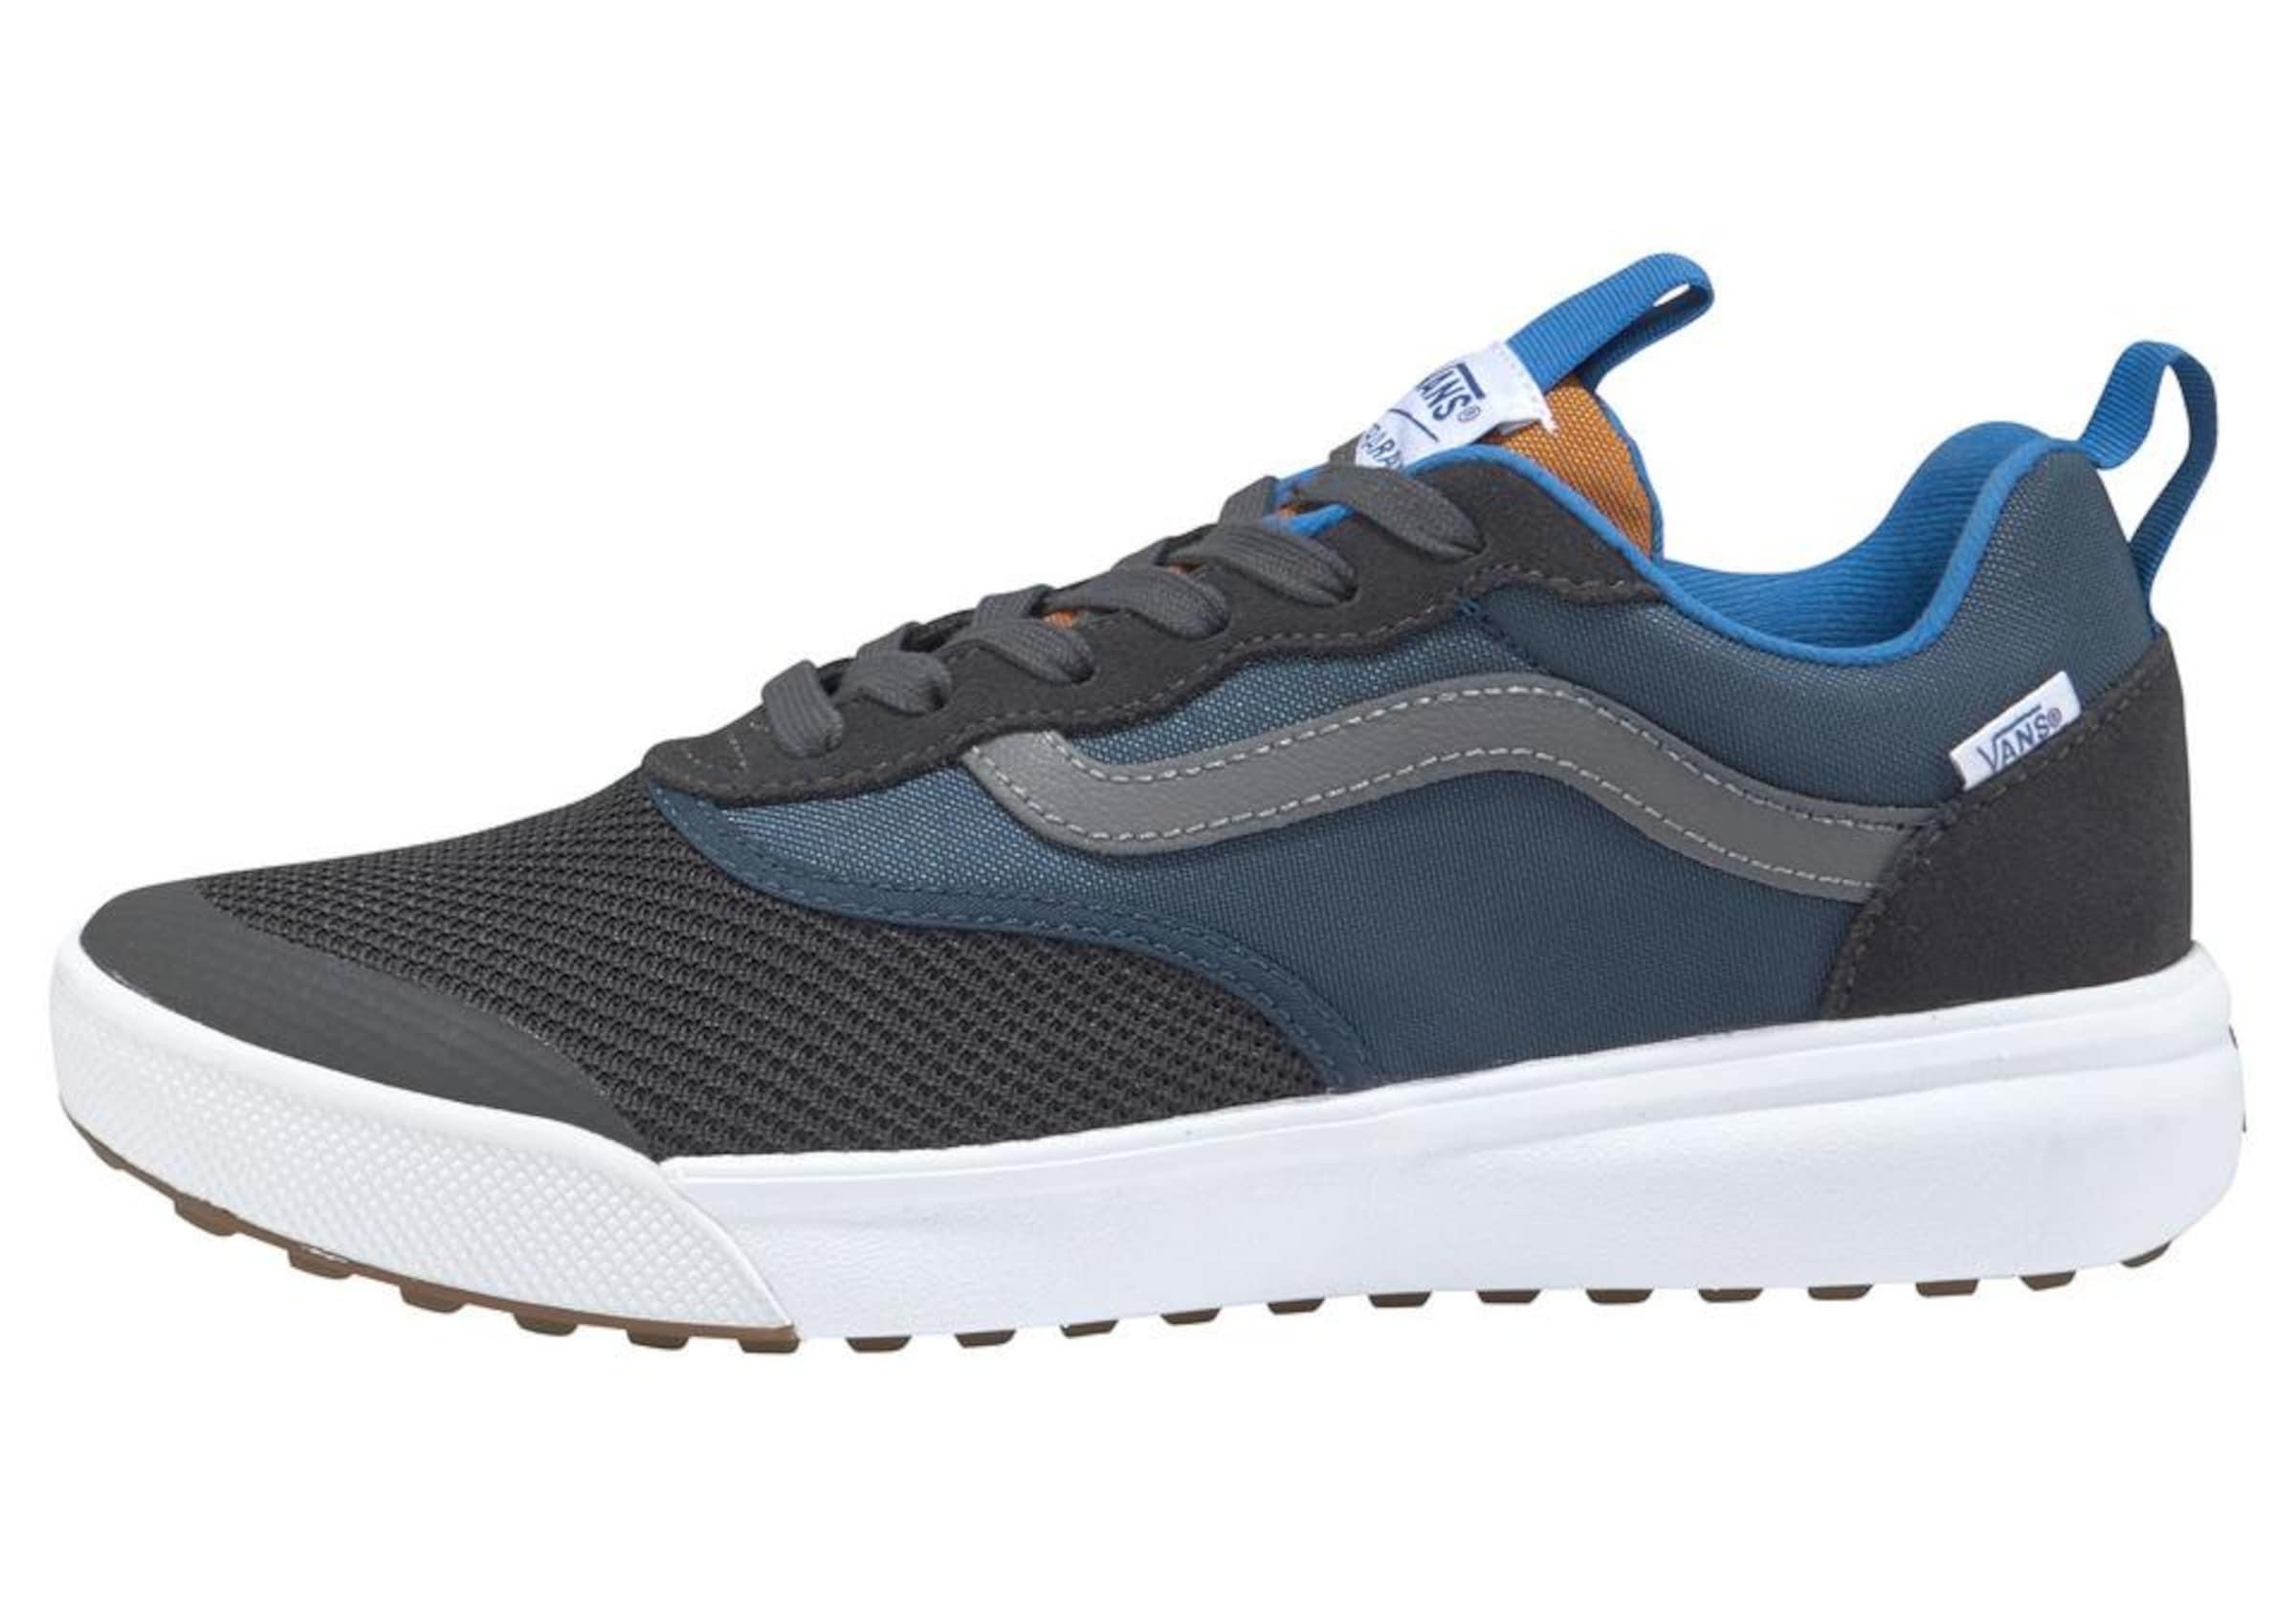 Camionnettes Brise De Couche De Chaussures De Sport De Gamme Ultra « Bleu / Gris Foncé JgRI22QIU